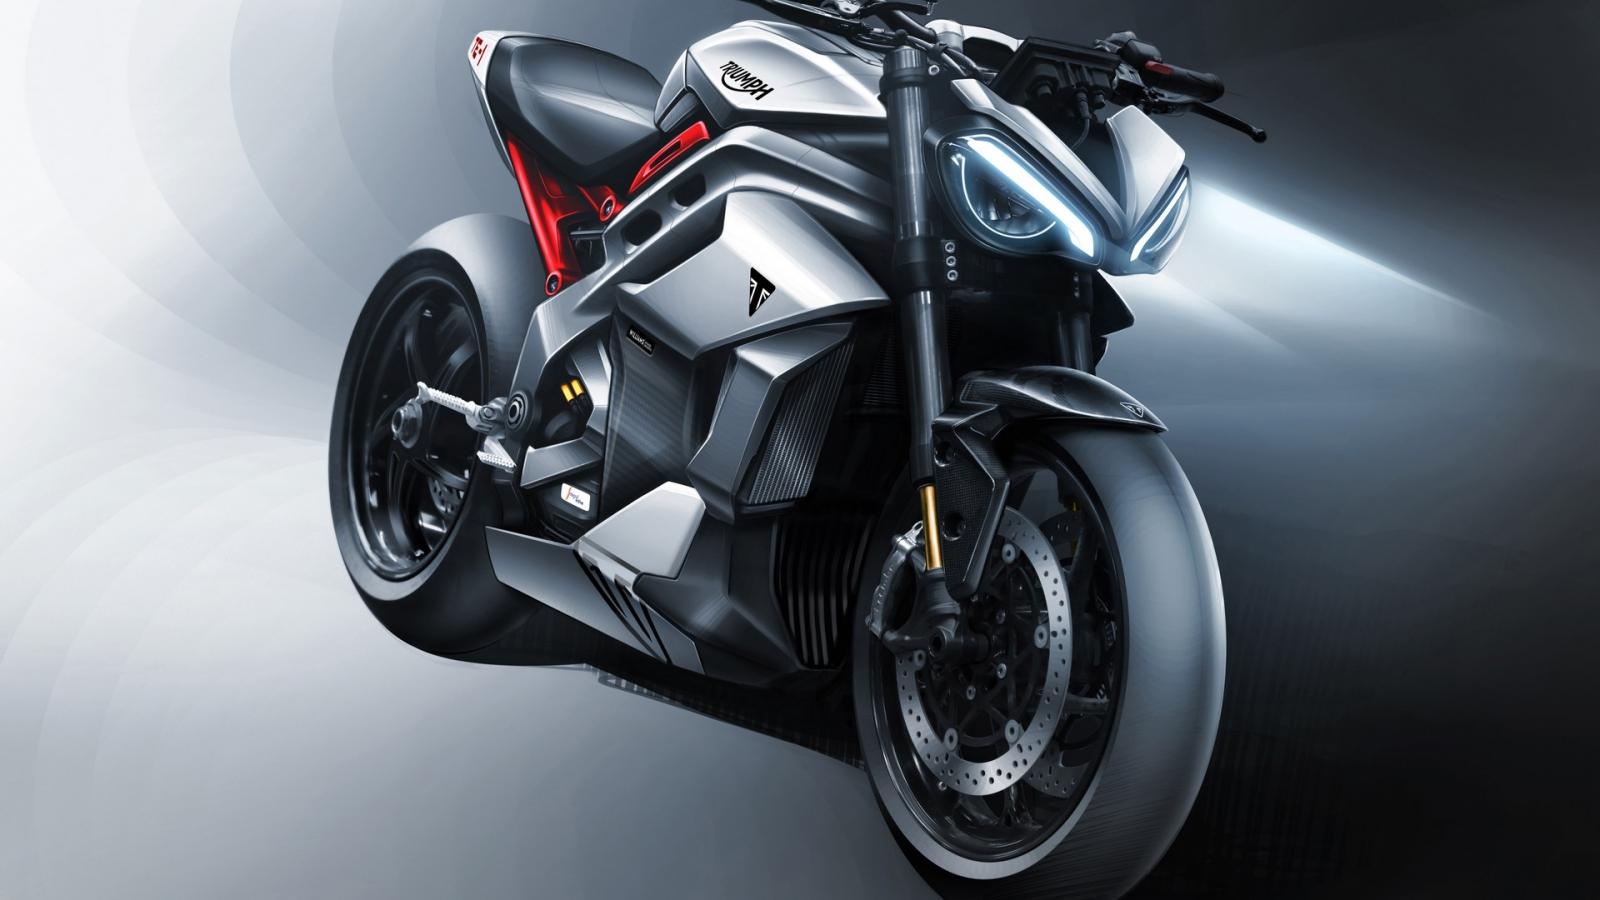 Tiết lộ hình ảnh thiết kế của xe điện Triumph Project TE-1